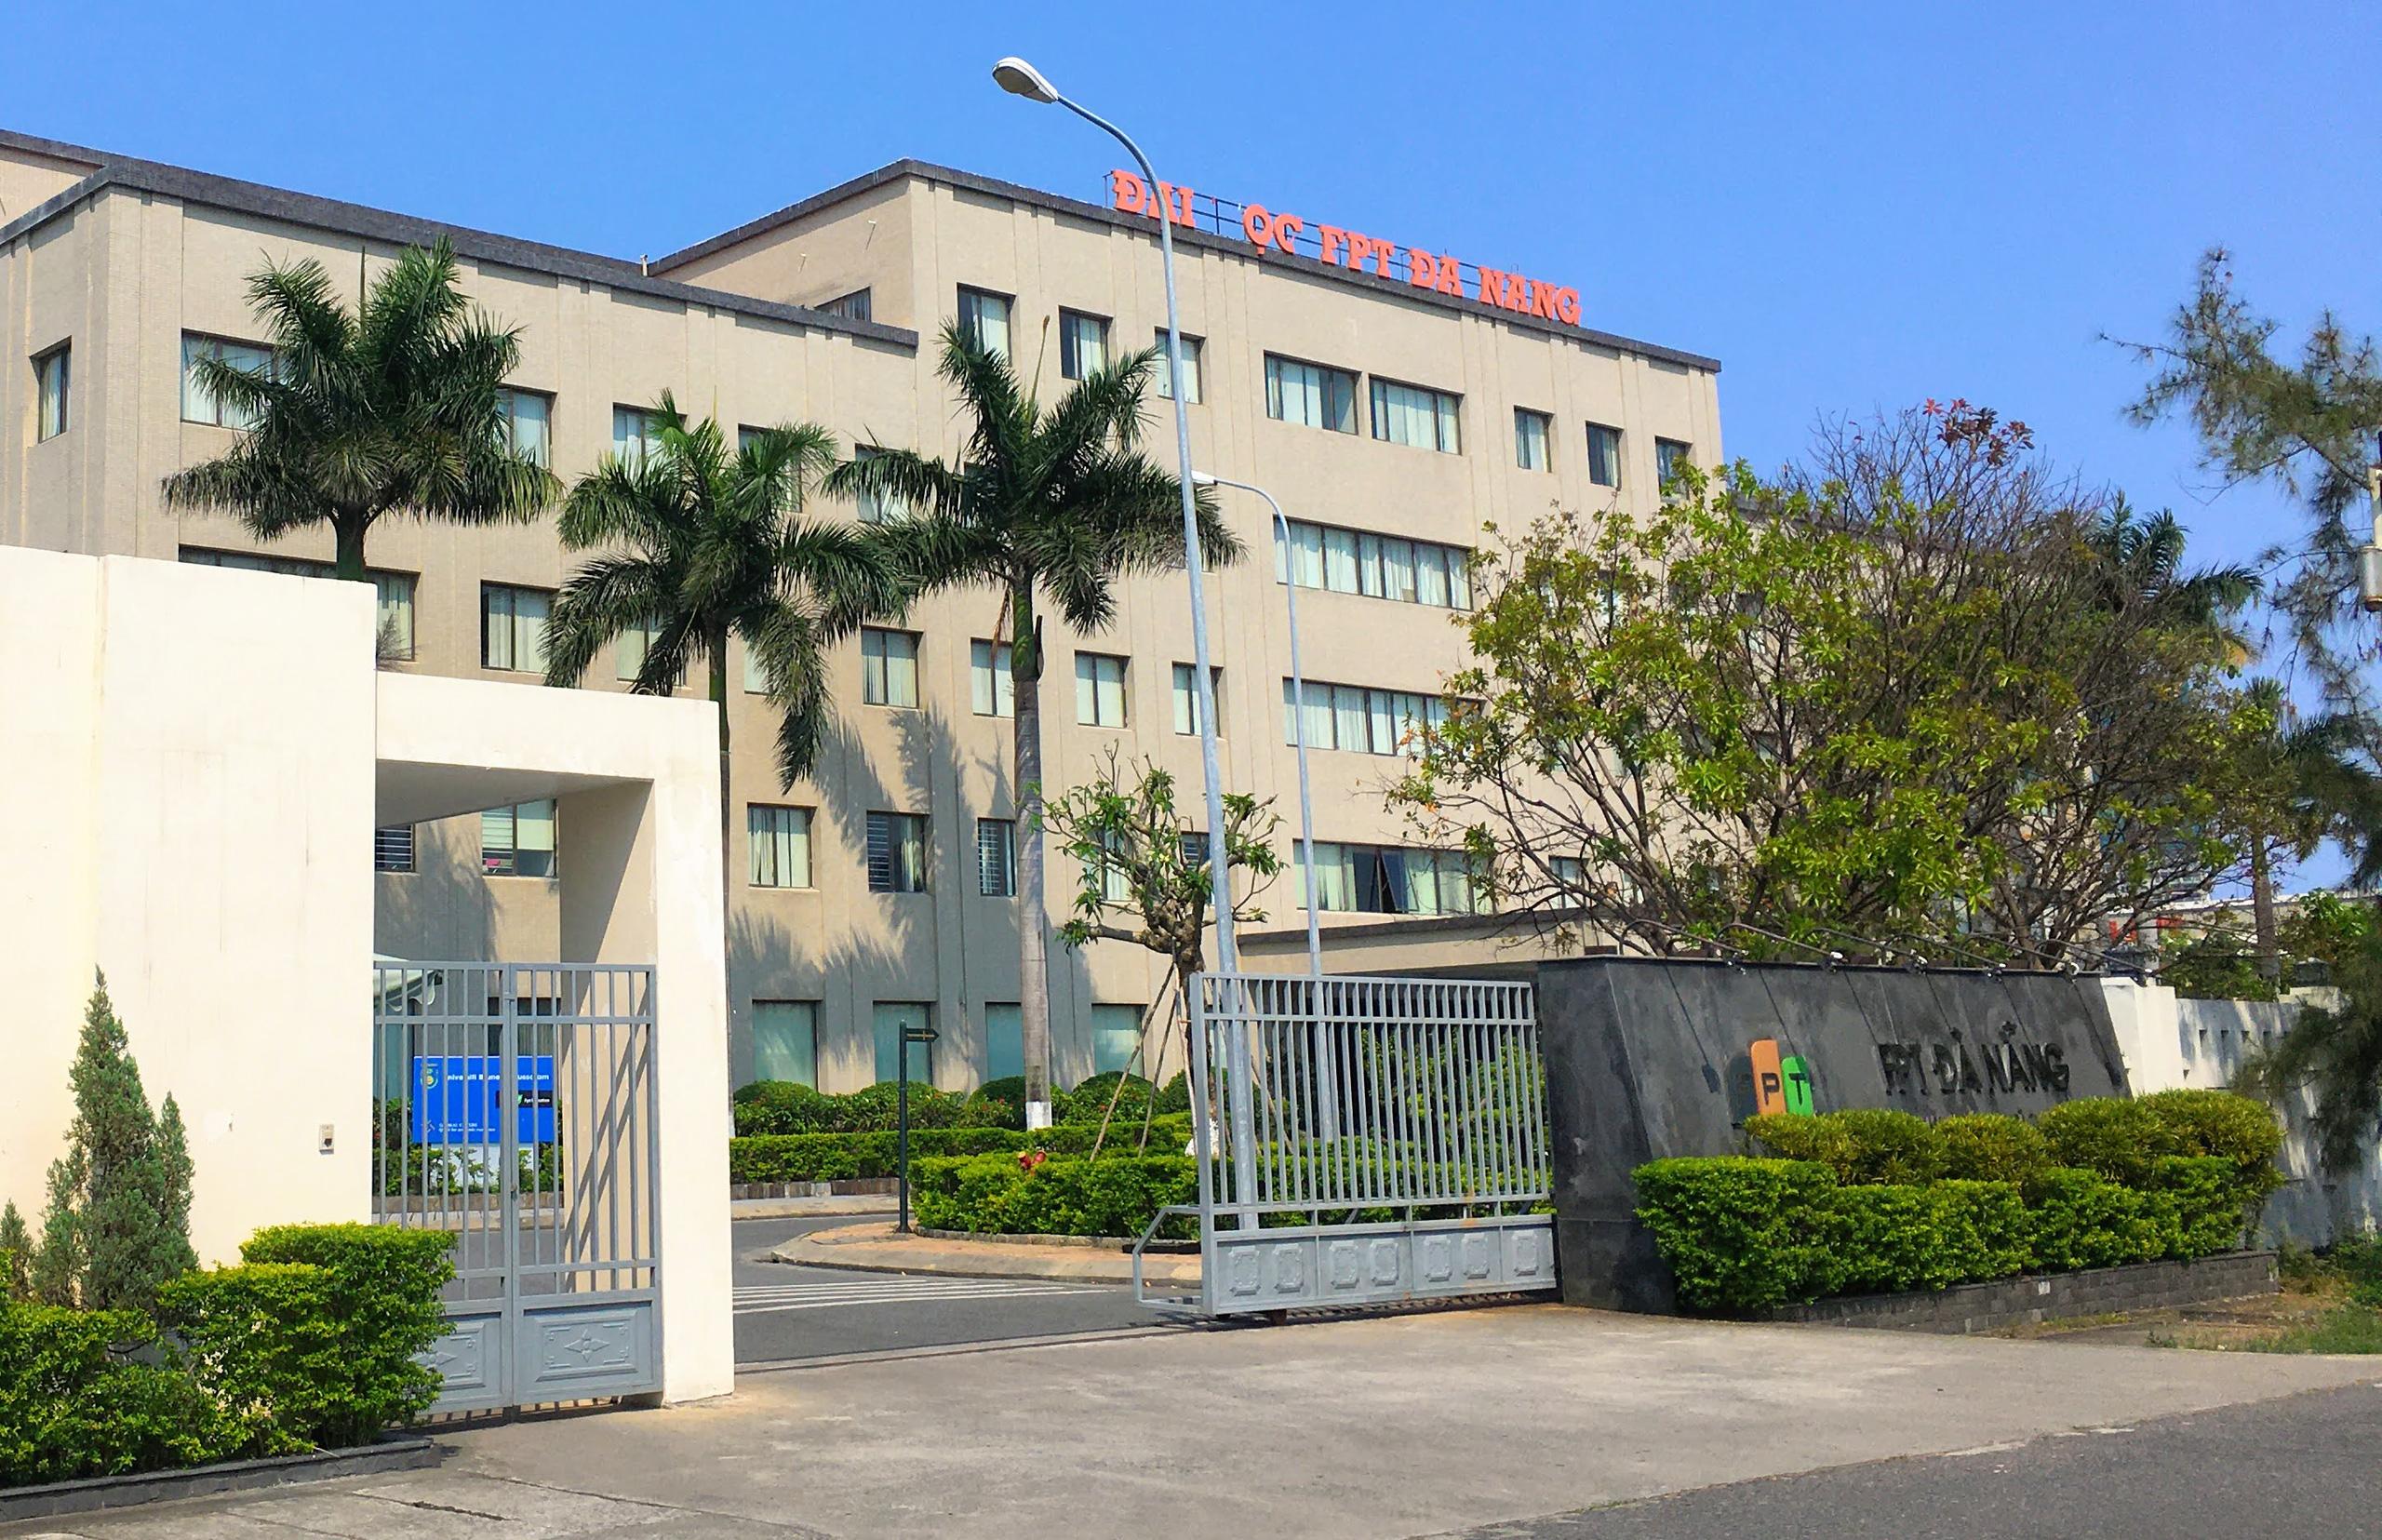 FPT sẽ chuyển mục đích sử dụng đất KCN Đà Nẵng sang xây dựng khu phức hợp có chung cư cao cấp - Ảnh 1.